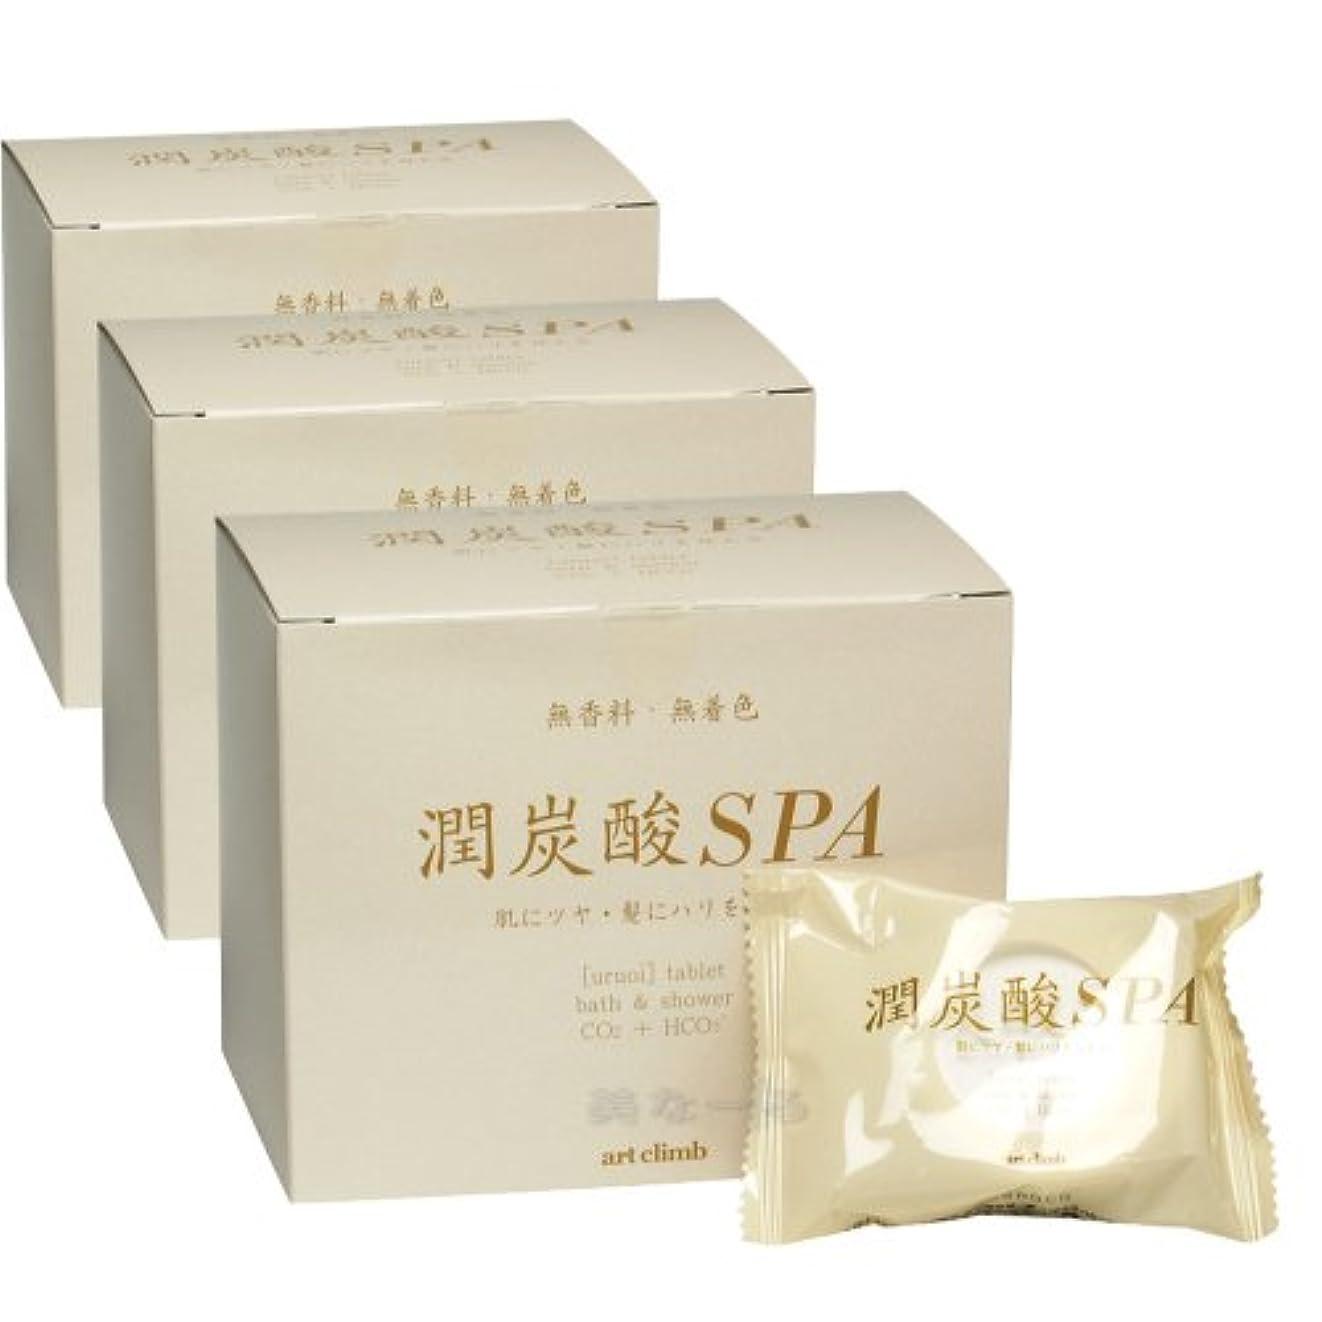 自伝トマトフェザー潤炭酸SPA(うるおい炭酸SPA) 60g×10錠入 3個セット